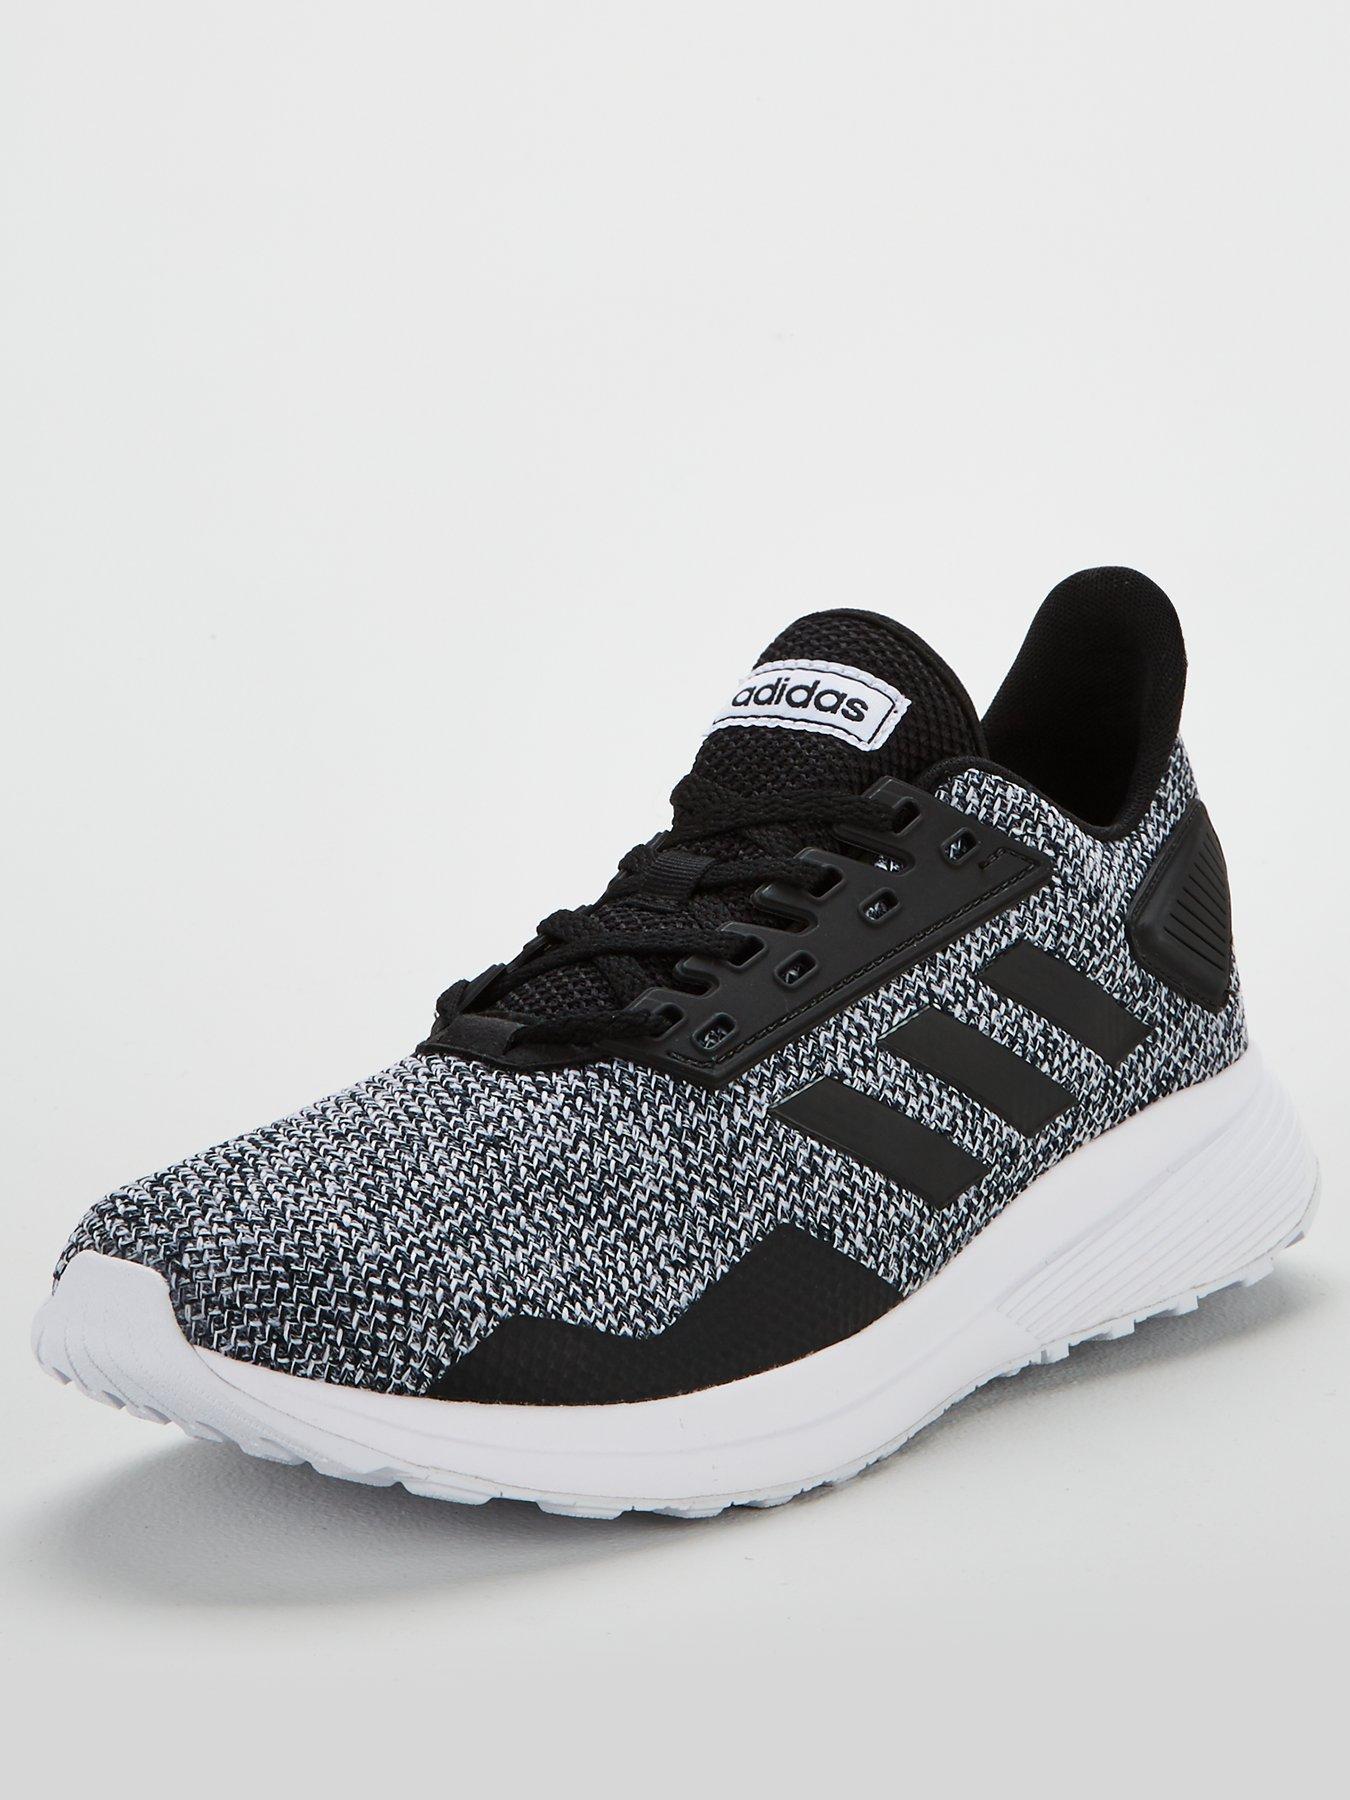 9c2c68ed5 usa adidas zx flux w running shoes 9de81 a4803  real adidas duramo 9 5fd10  73d75